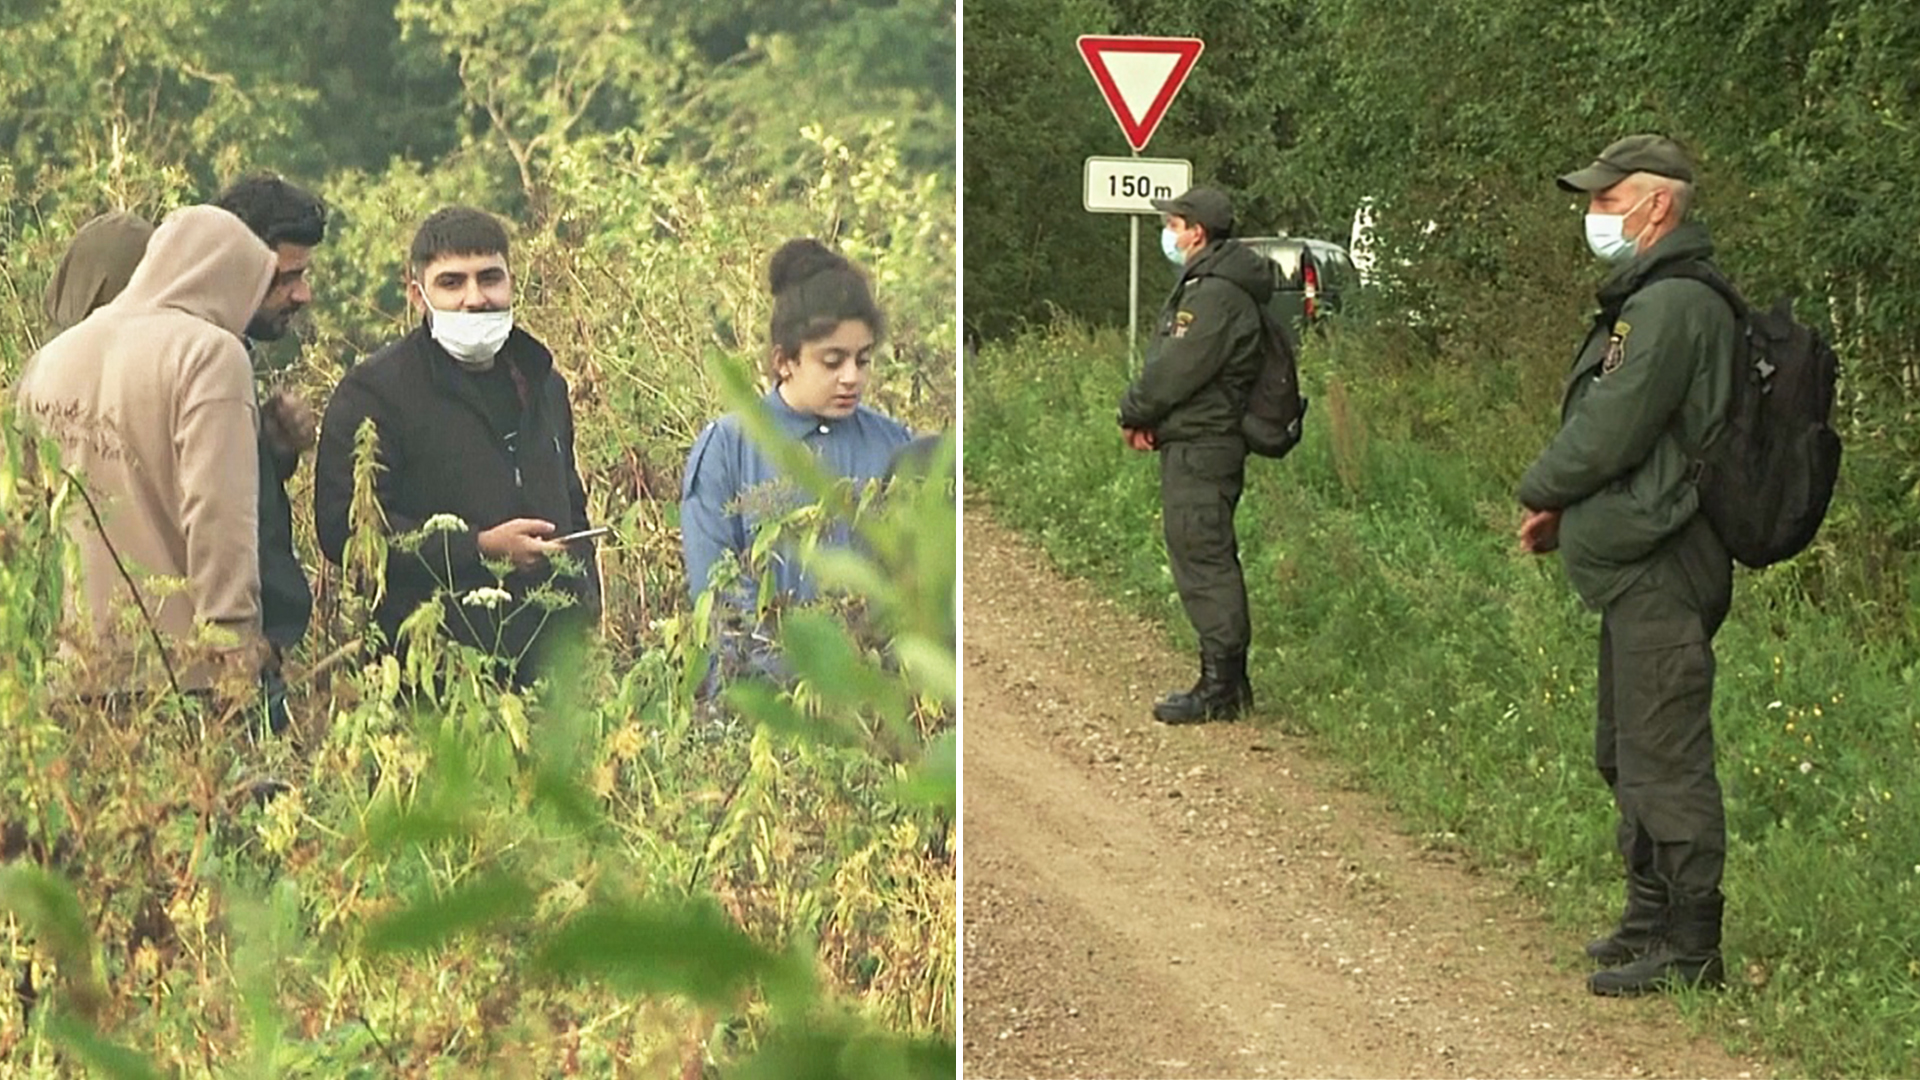 Латвийские пограничники начали возвращать мигрантов обратно на территорию Беларуси